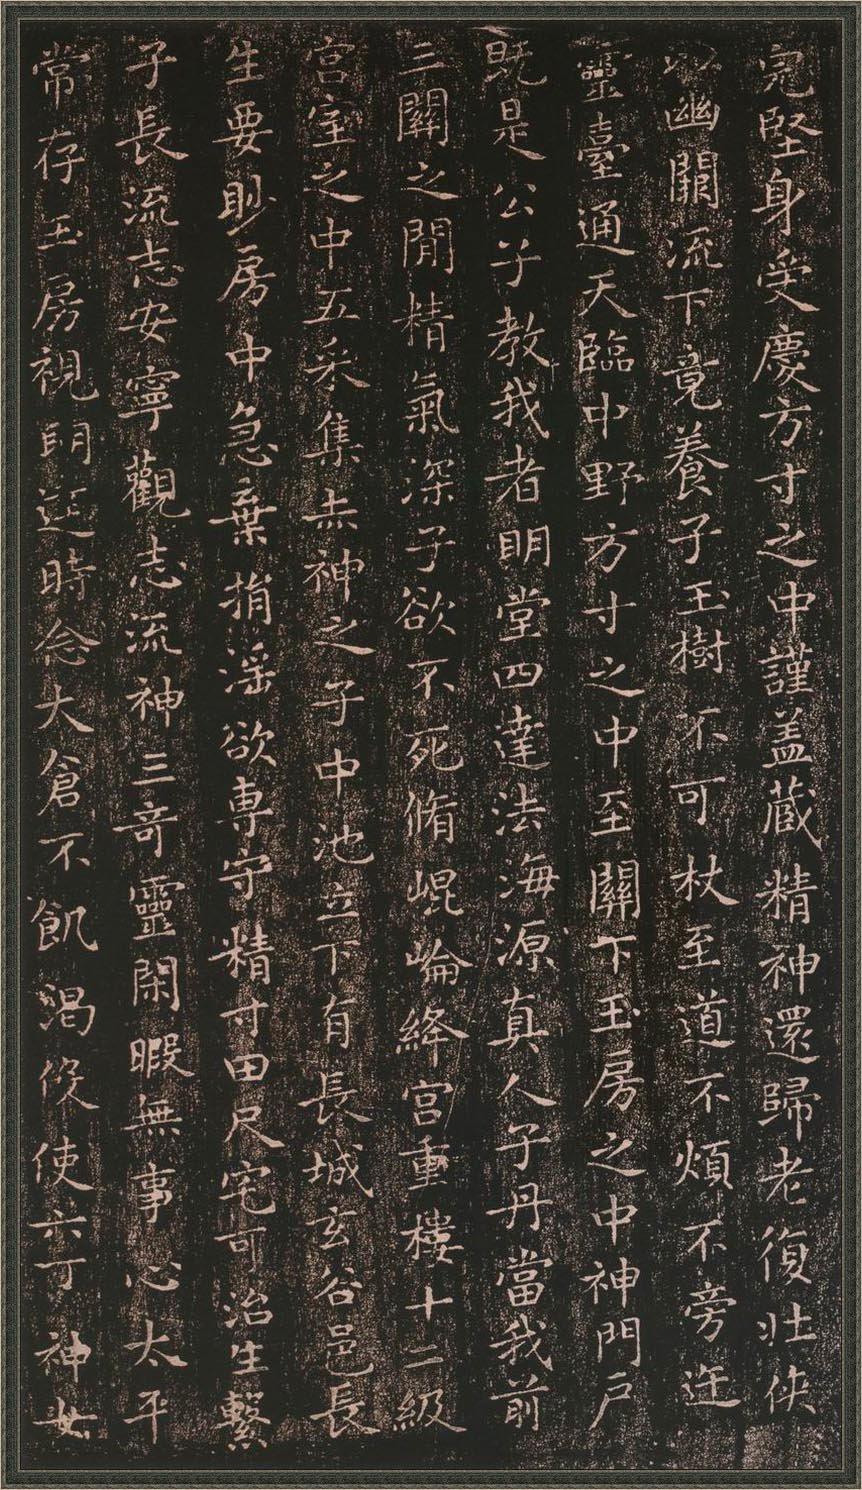 王羲之书法小楷欣赏《黄庭经》